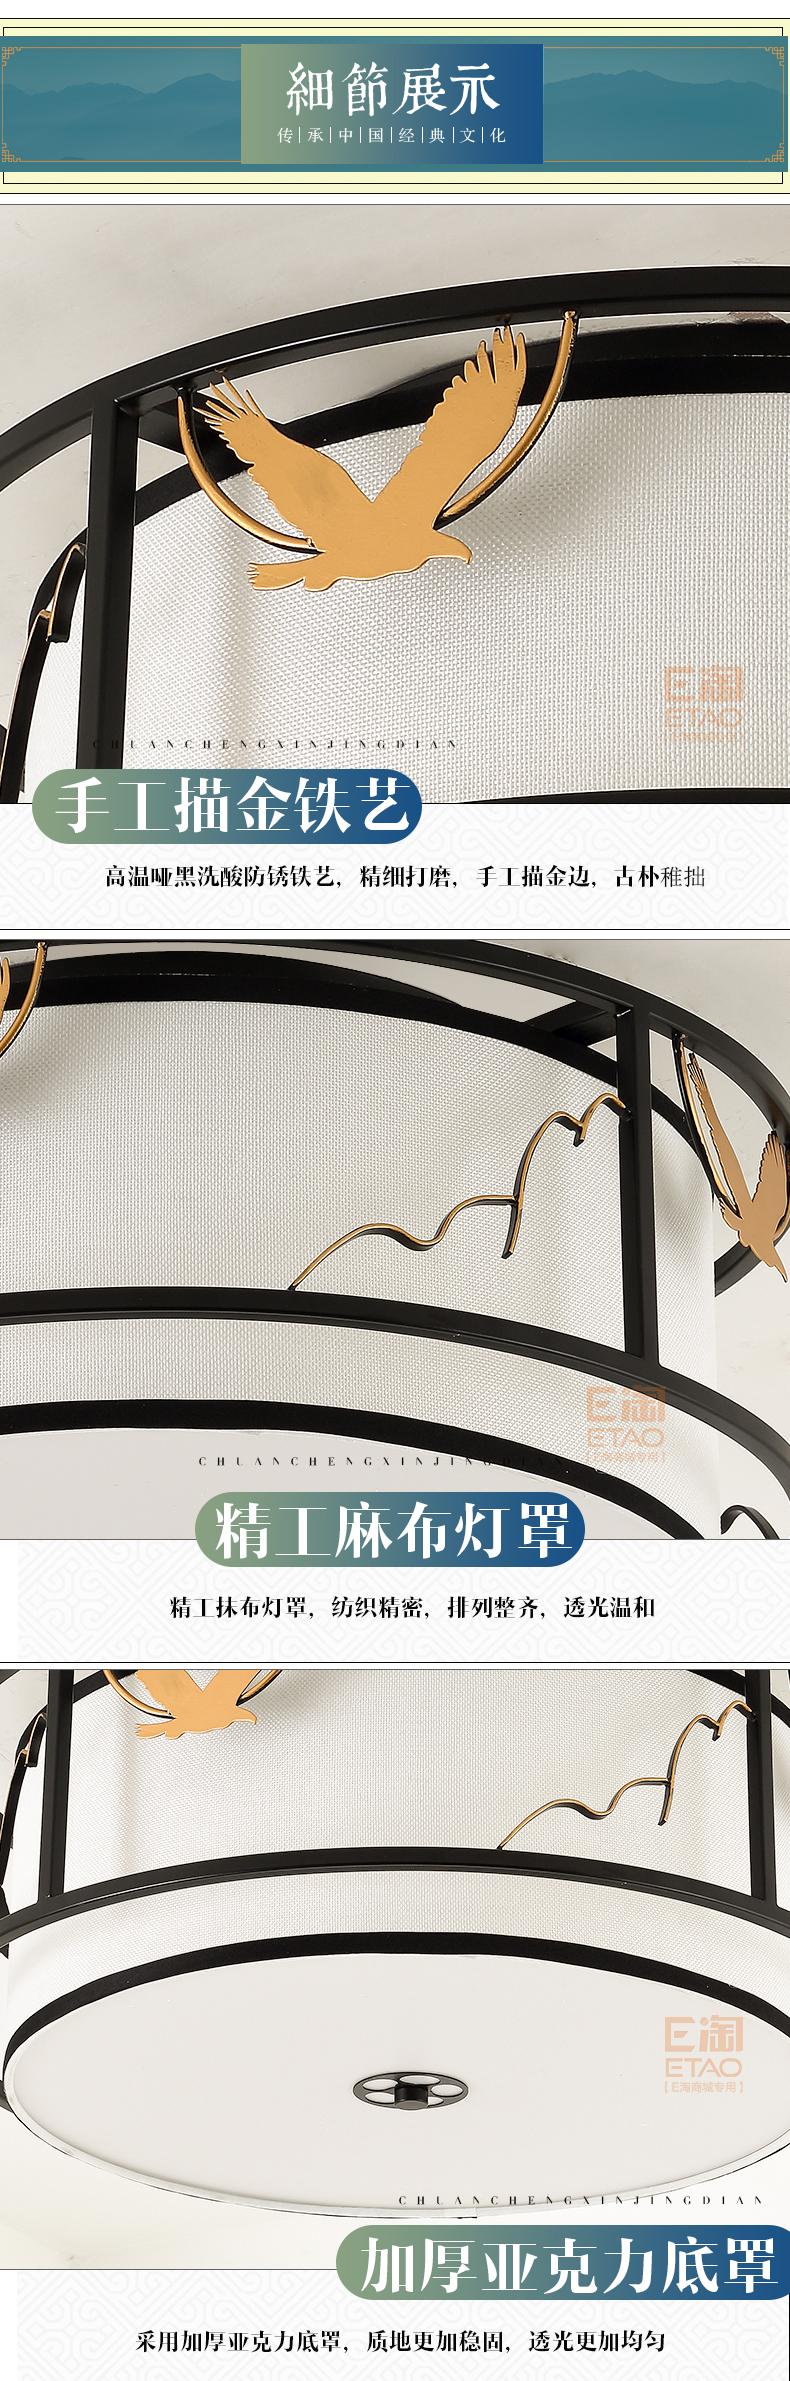 久昂708 (3)